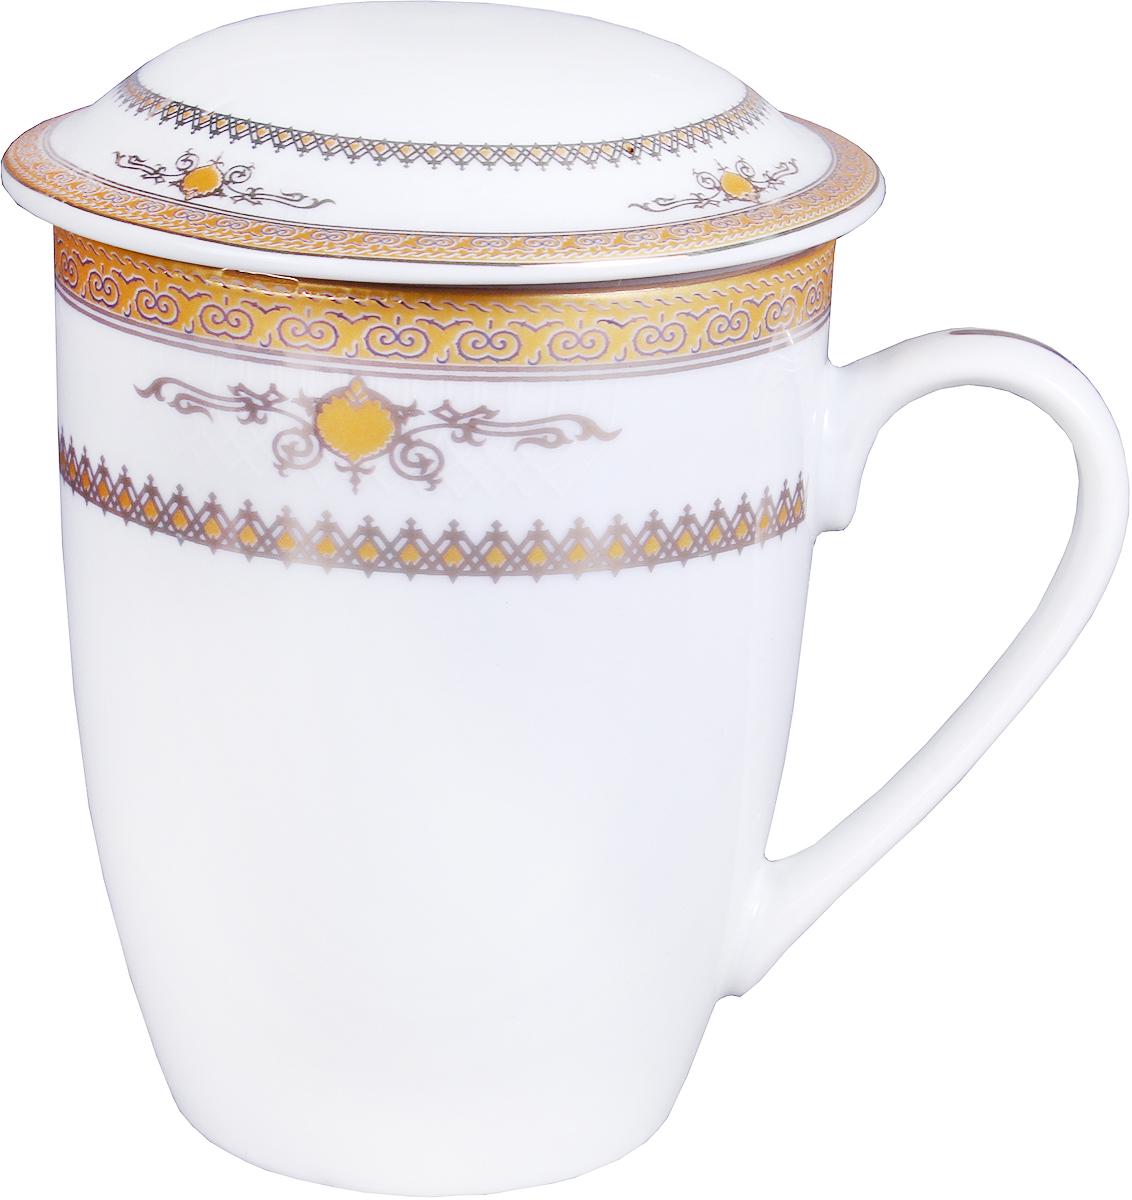 Кружка заварочная Olaff Mug Cover, с ситечком, 350 мл. LRG-MSCM-001LRG-MSCM-001Mug Cover, кружка заварочная 350мл с ситом, декор - золото-серебро, подарочная упаковка